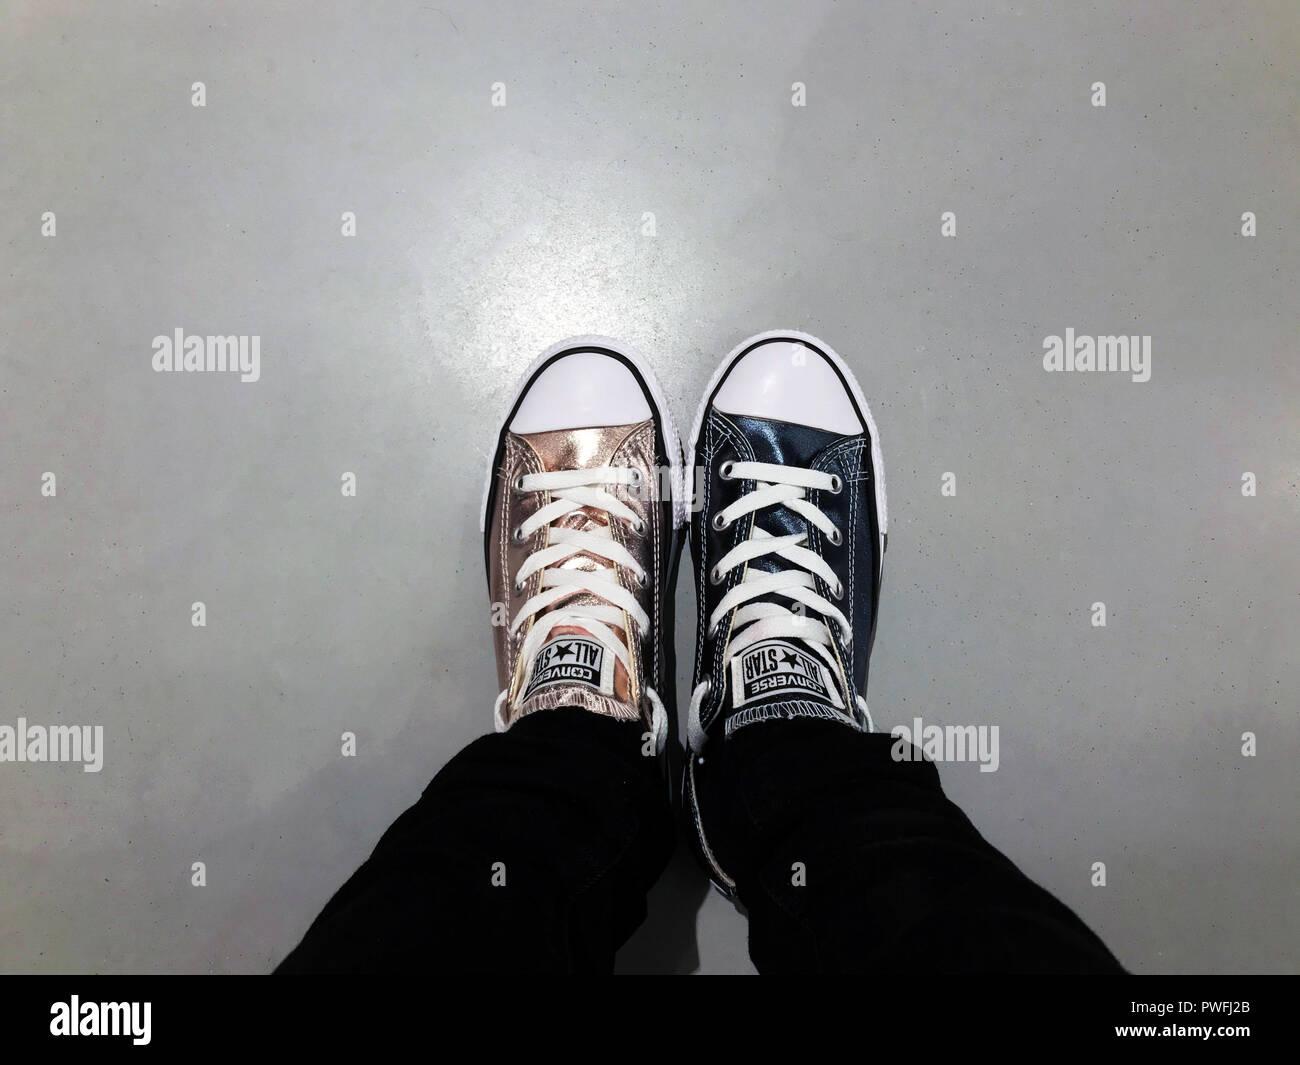 Suchergebnis auf für: konvers schuhe: Schuhe